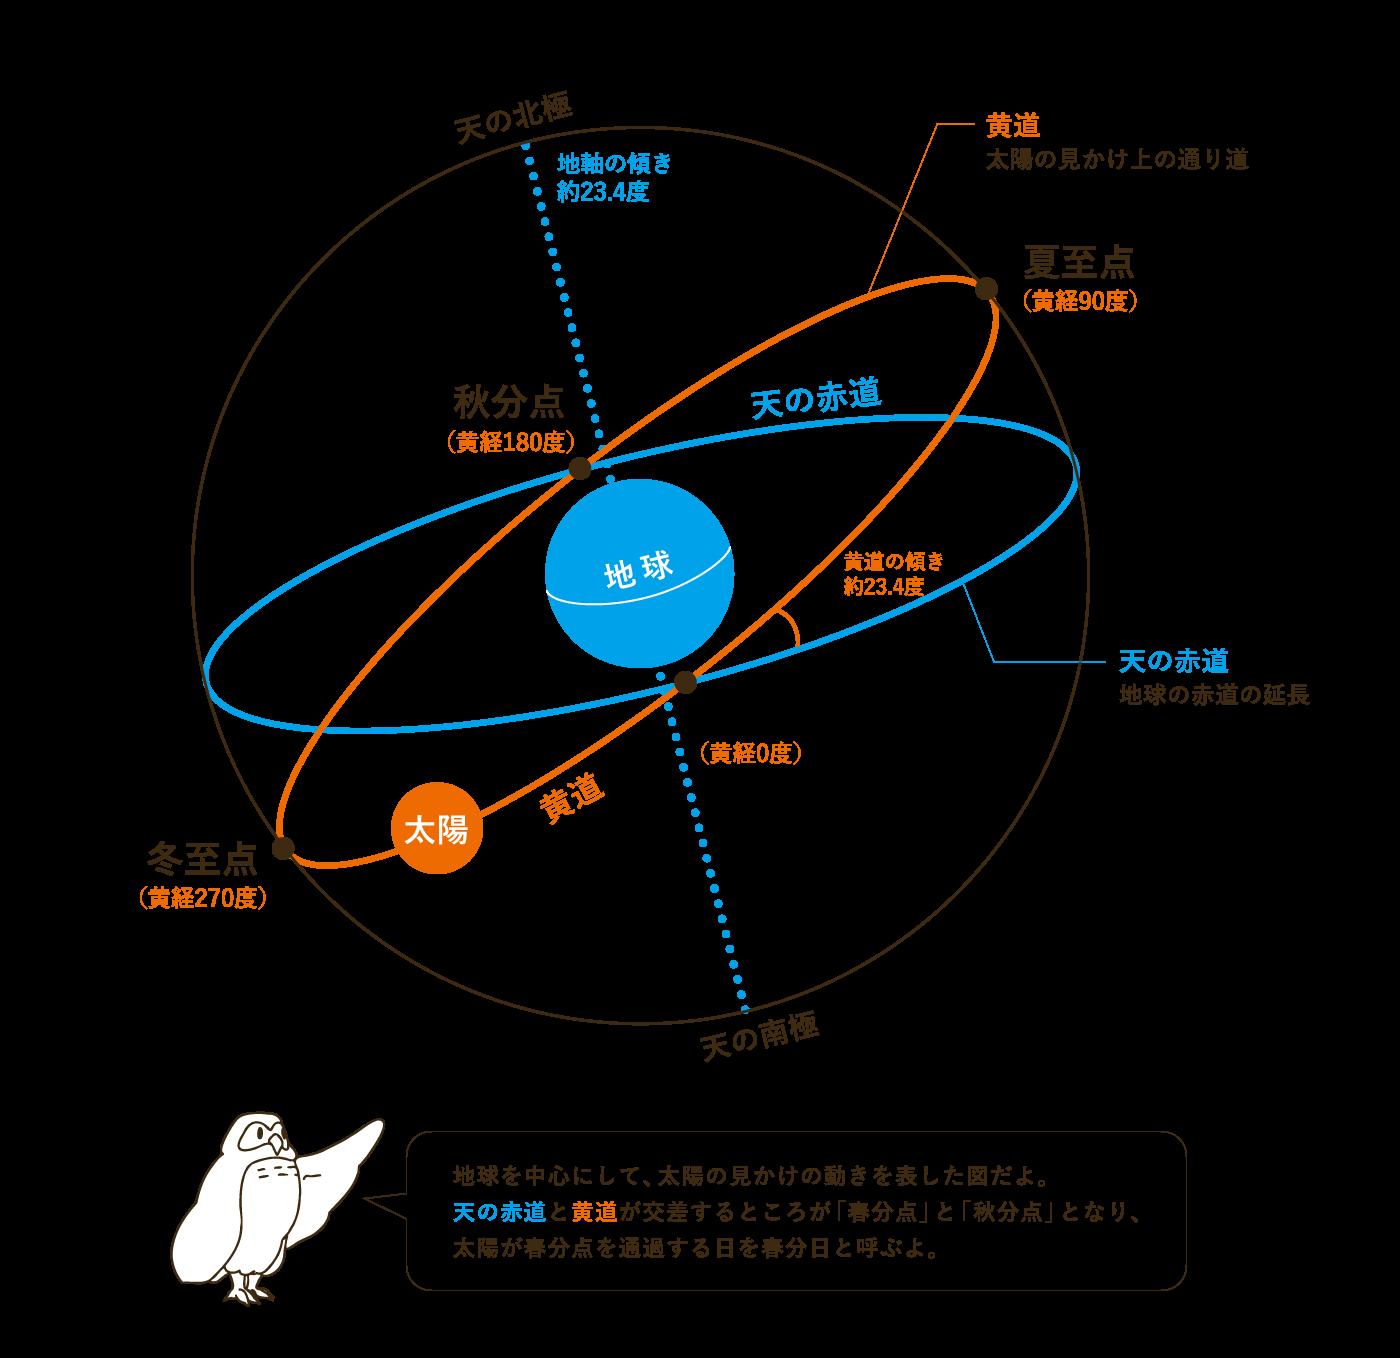 地球を中心にして、太陽の見かけの動きを表した図だよ。 天の赤道と黄道が交差するところが「春分点」と「秋分点」となり、 太陽が春分点を通過する日を春分日と呼ぶよ。